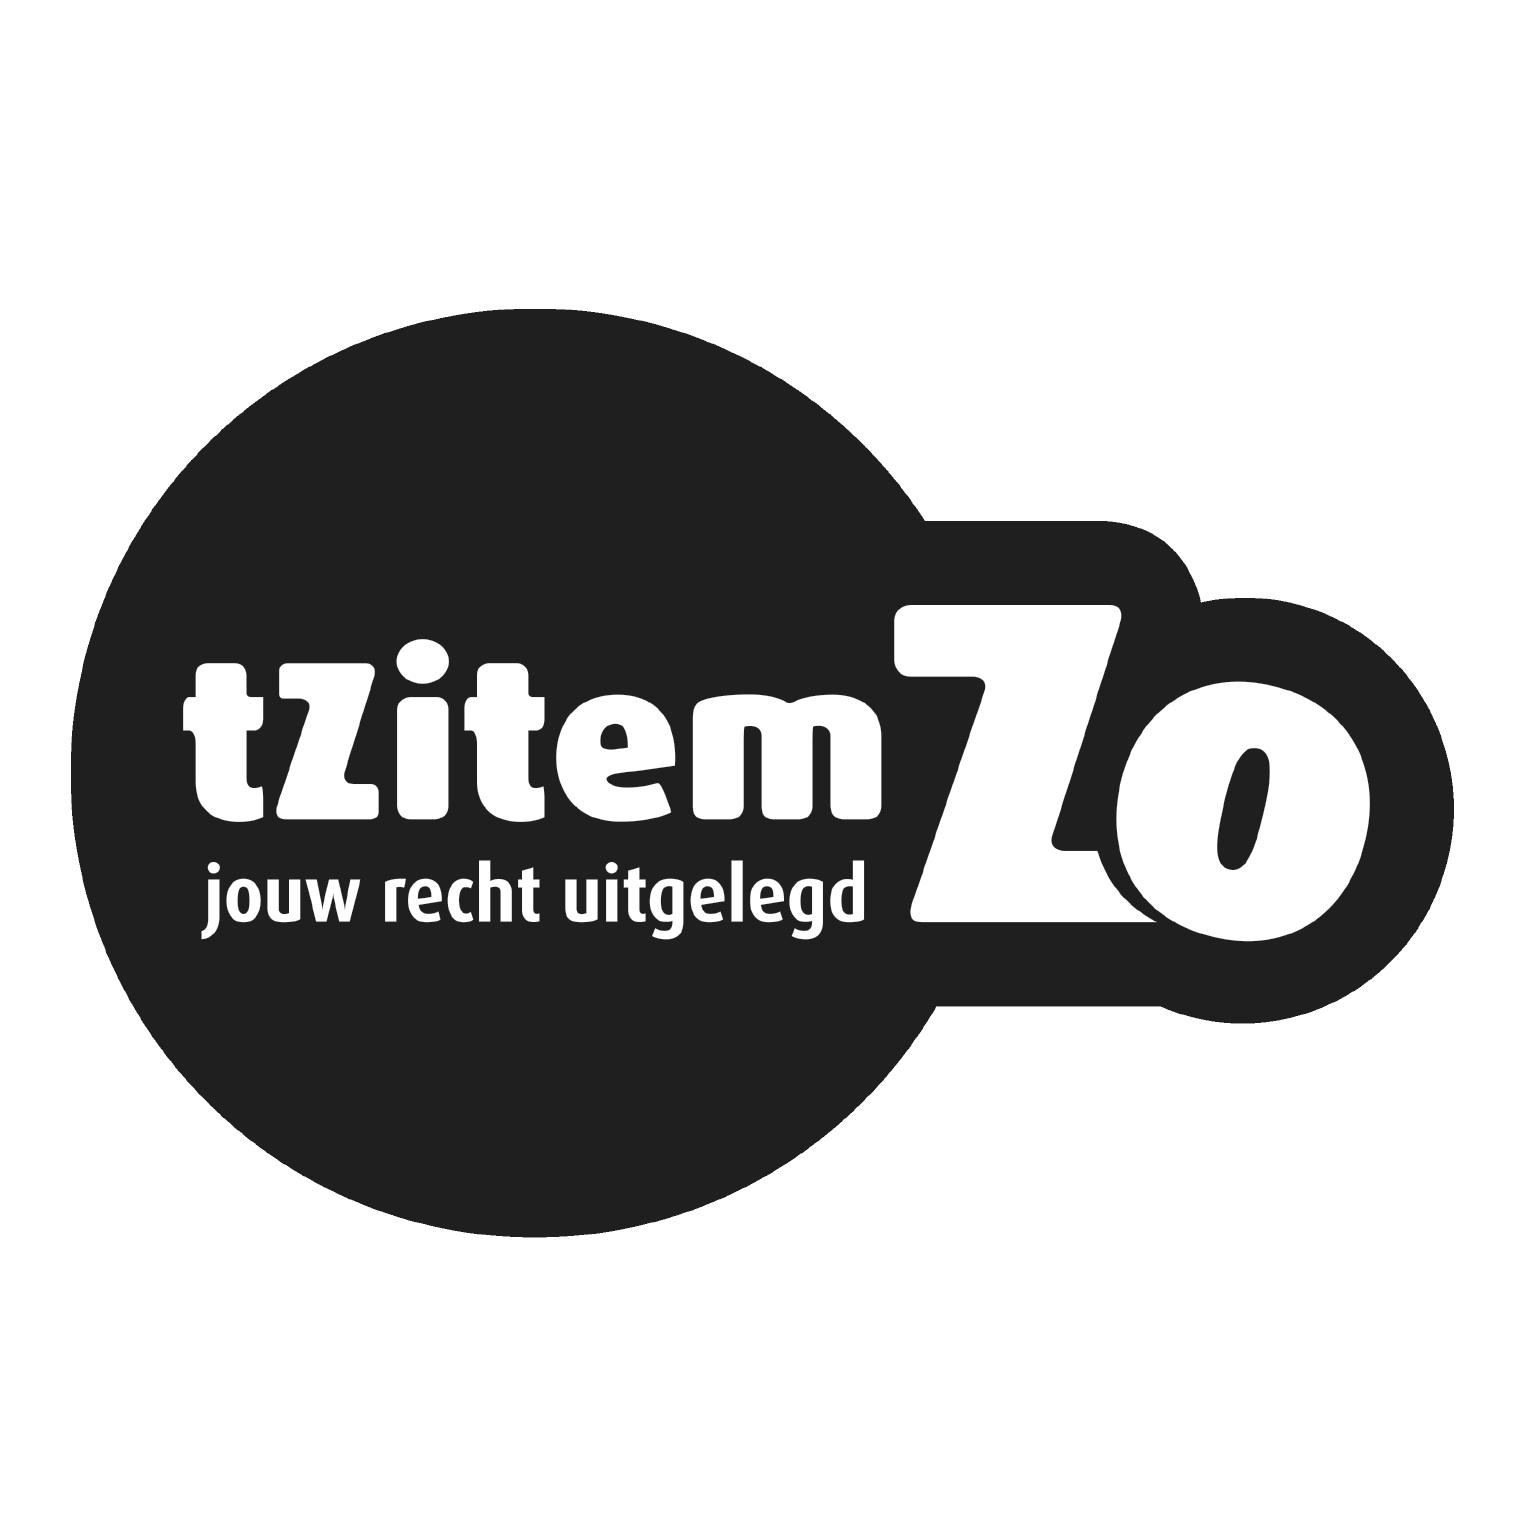 't Zitemzo